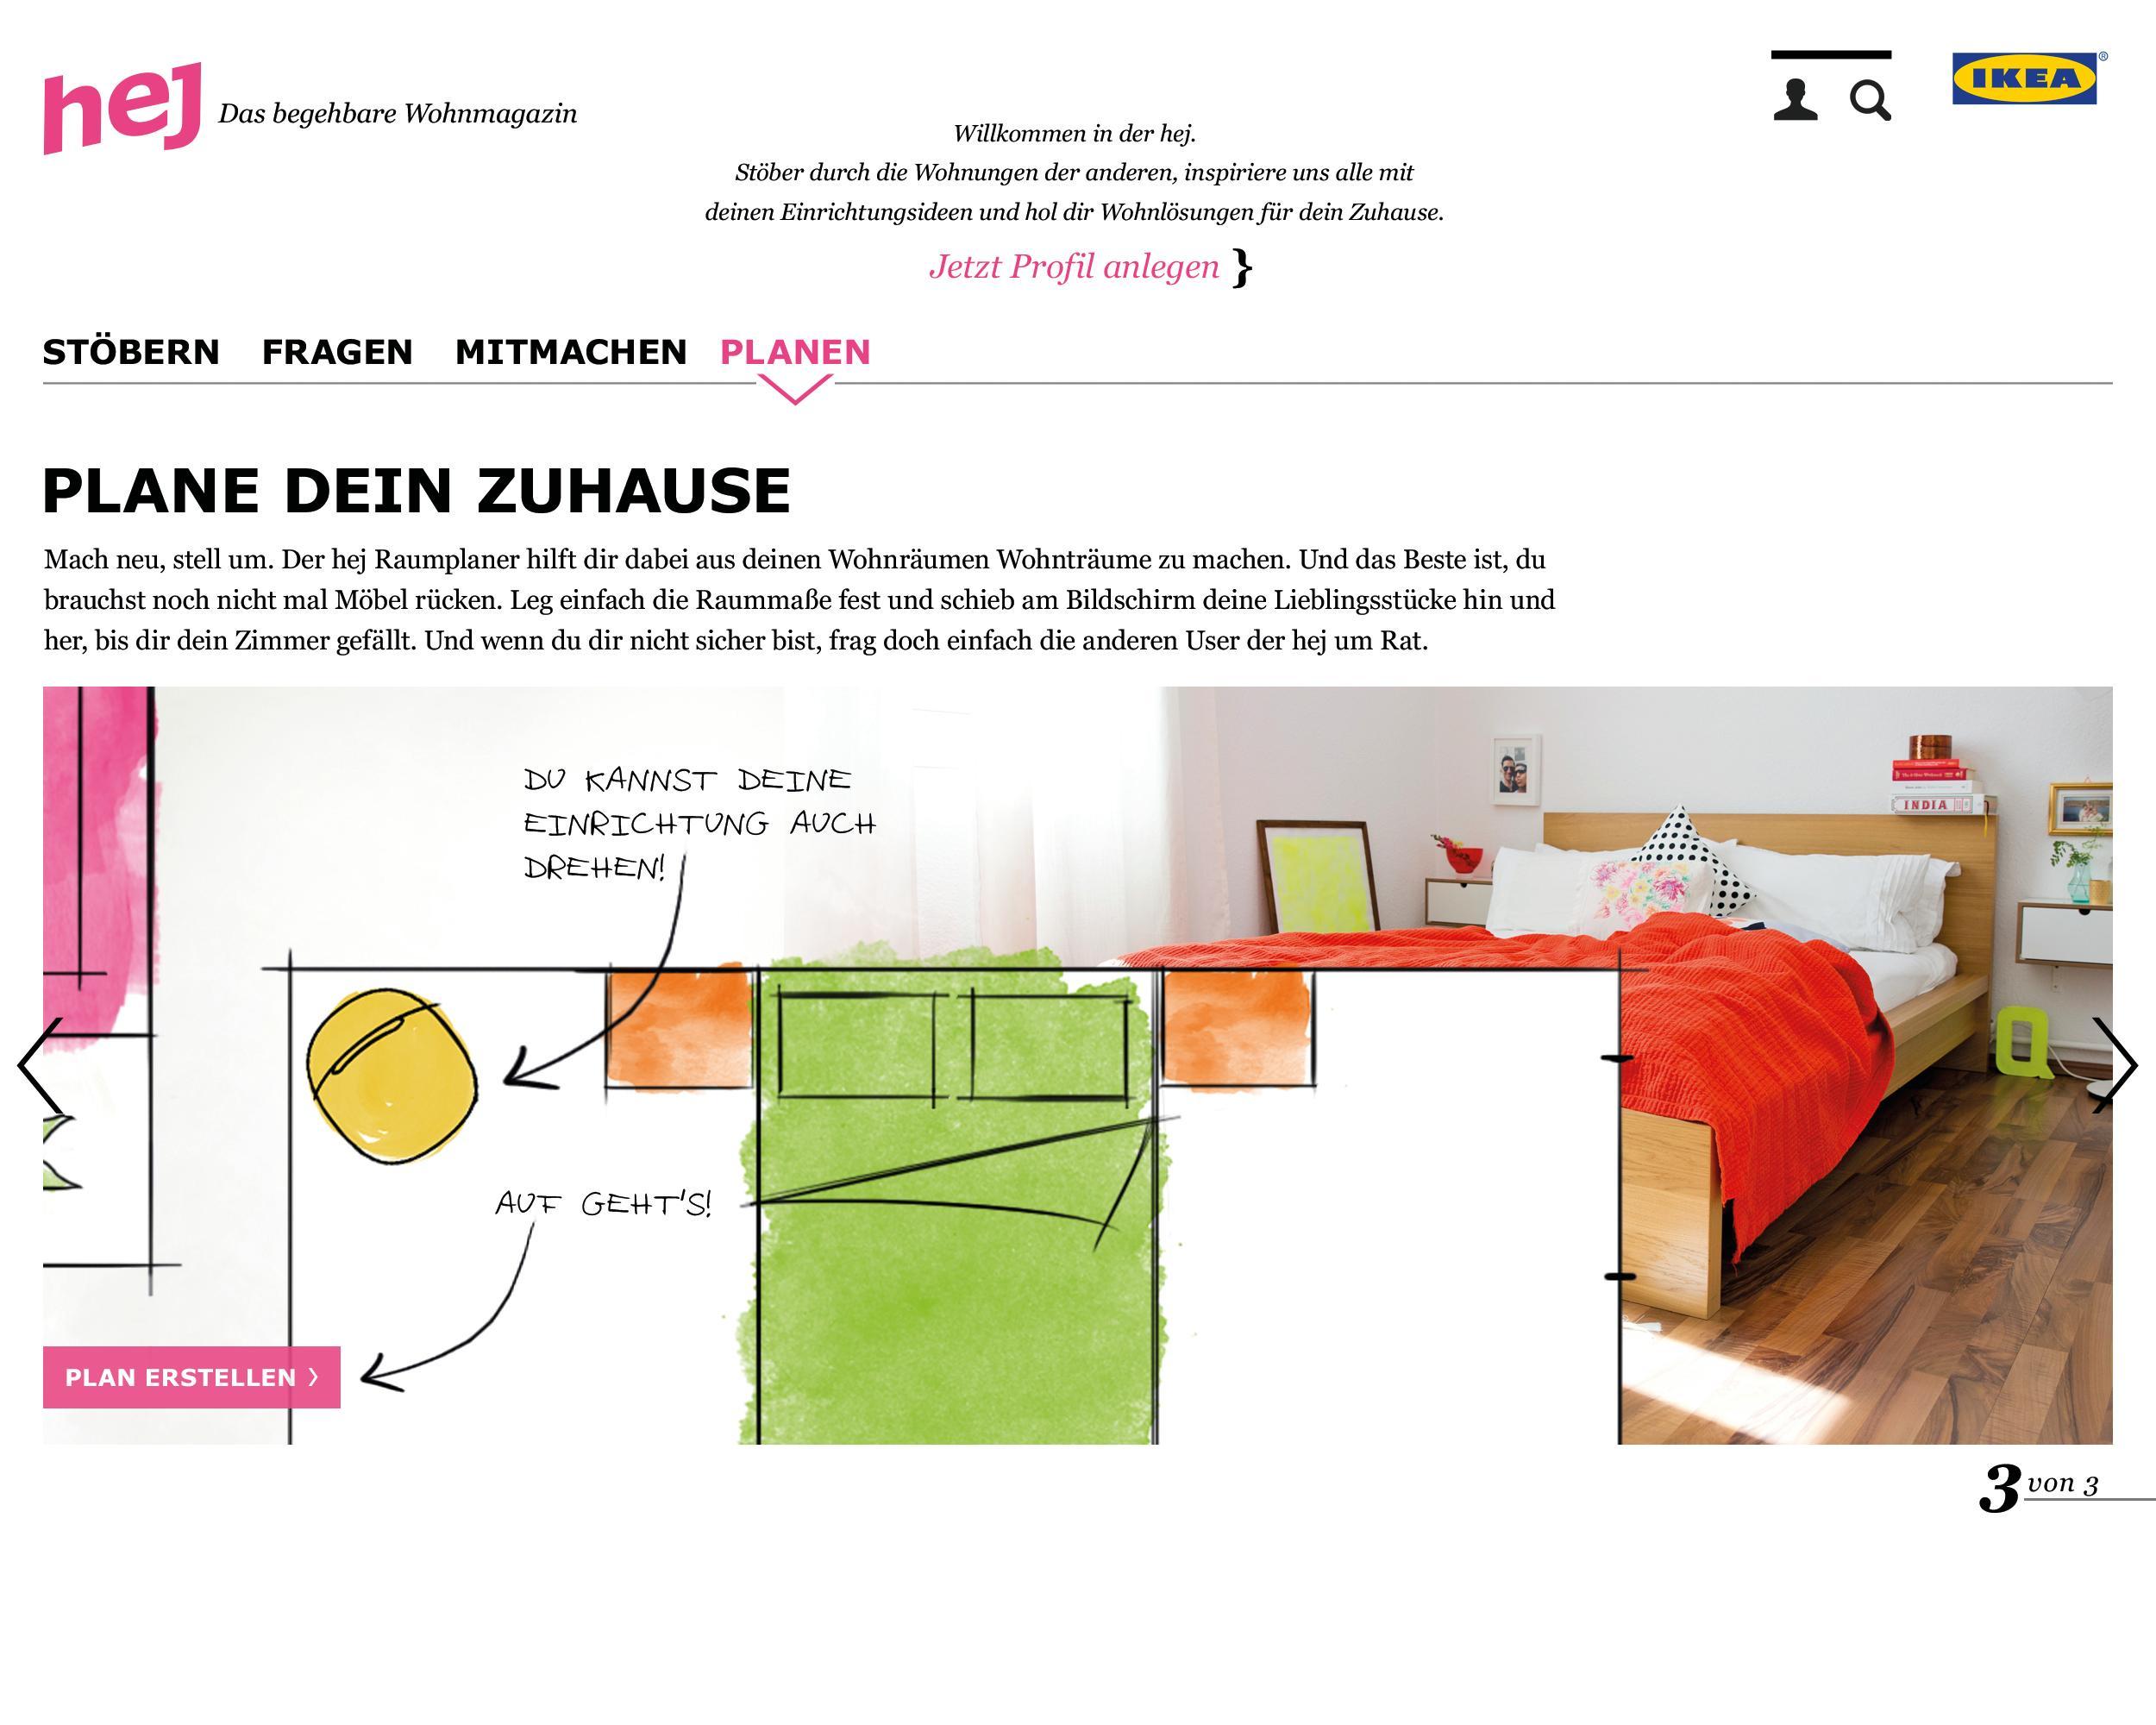 ikea schafft mit der neuen hej community das erste begehbare wohnmagazin presseportal. Black Bedroom Furniture Sets. Home Design Ideas